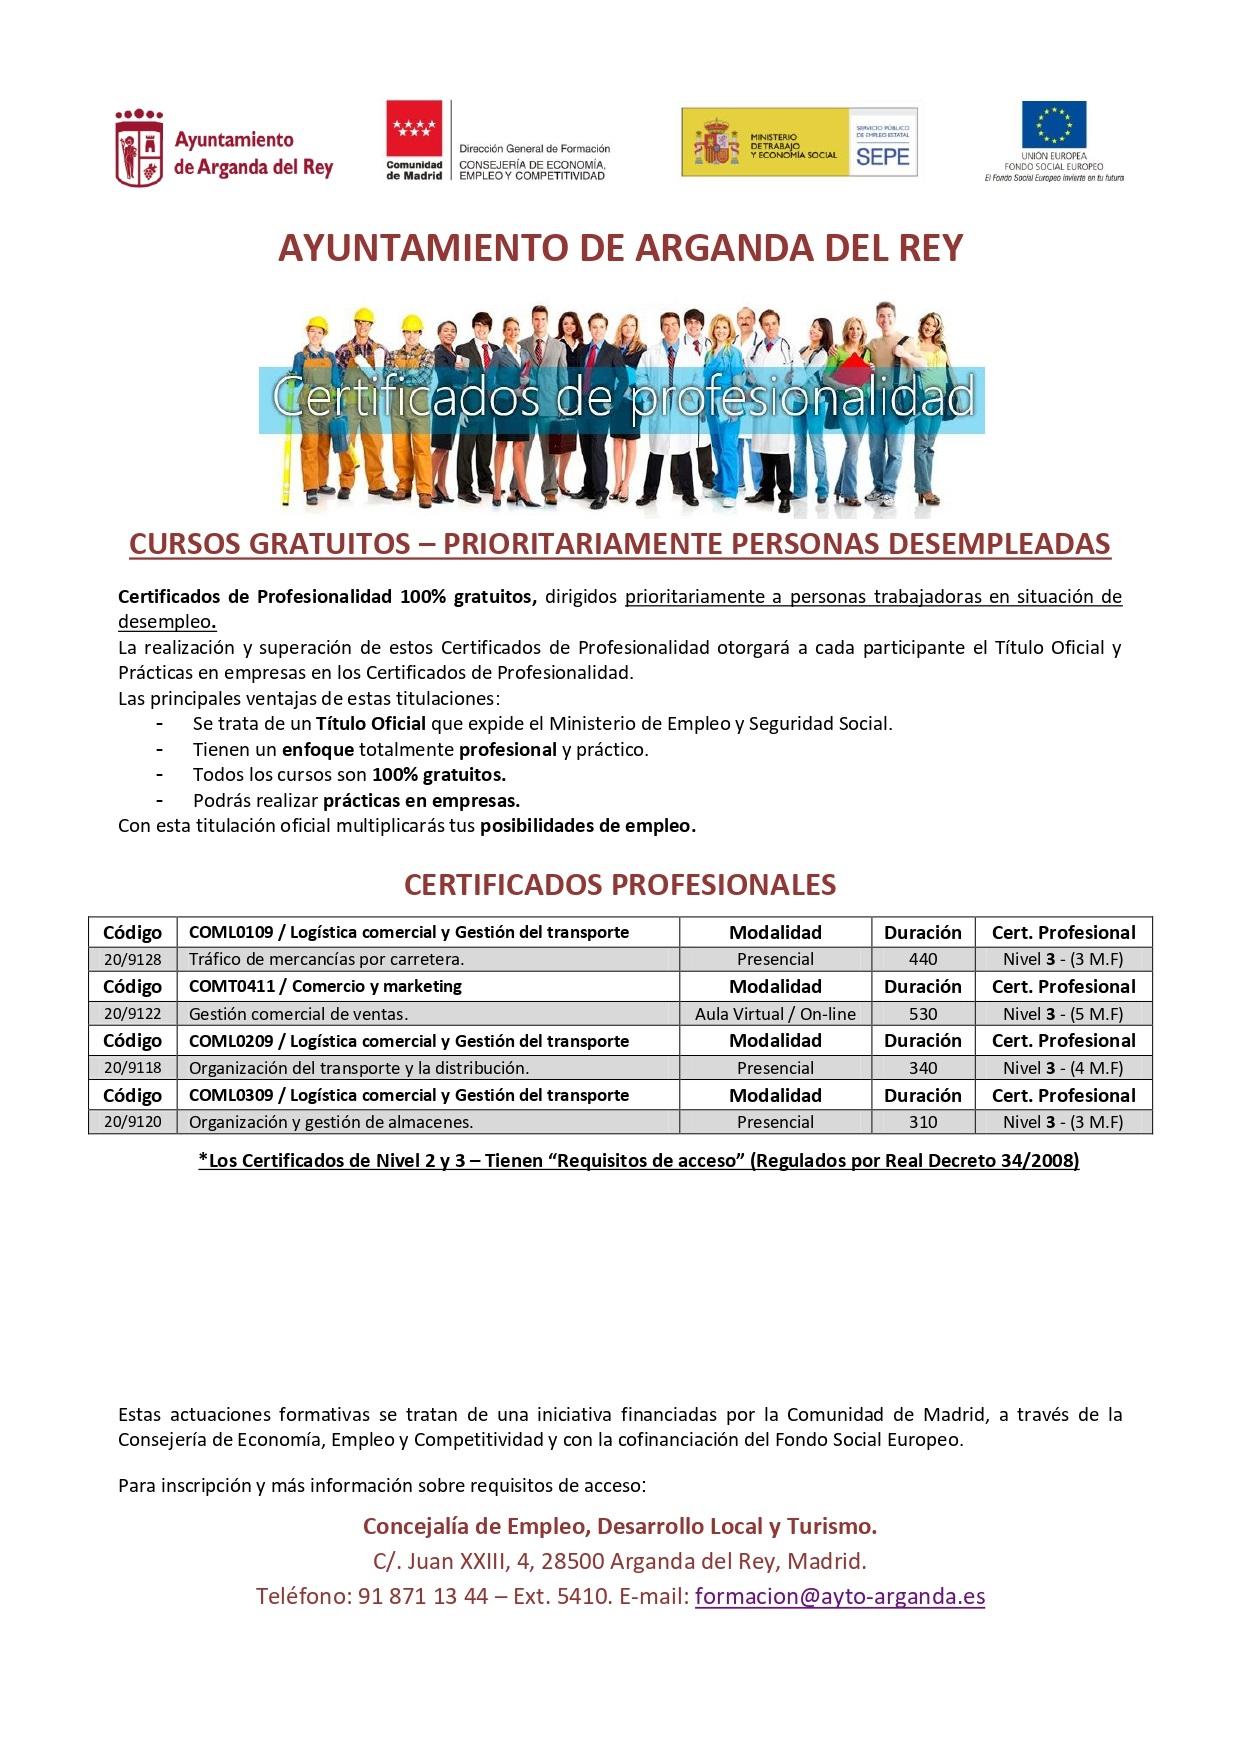 El Ayuntamiento de Arganda del Rey pondrá en marcha nuevos Certificados de Profesionalidad para personas [...]